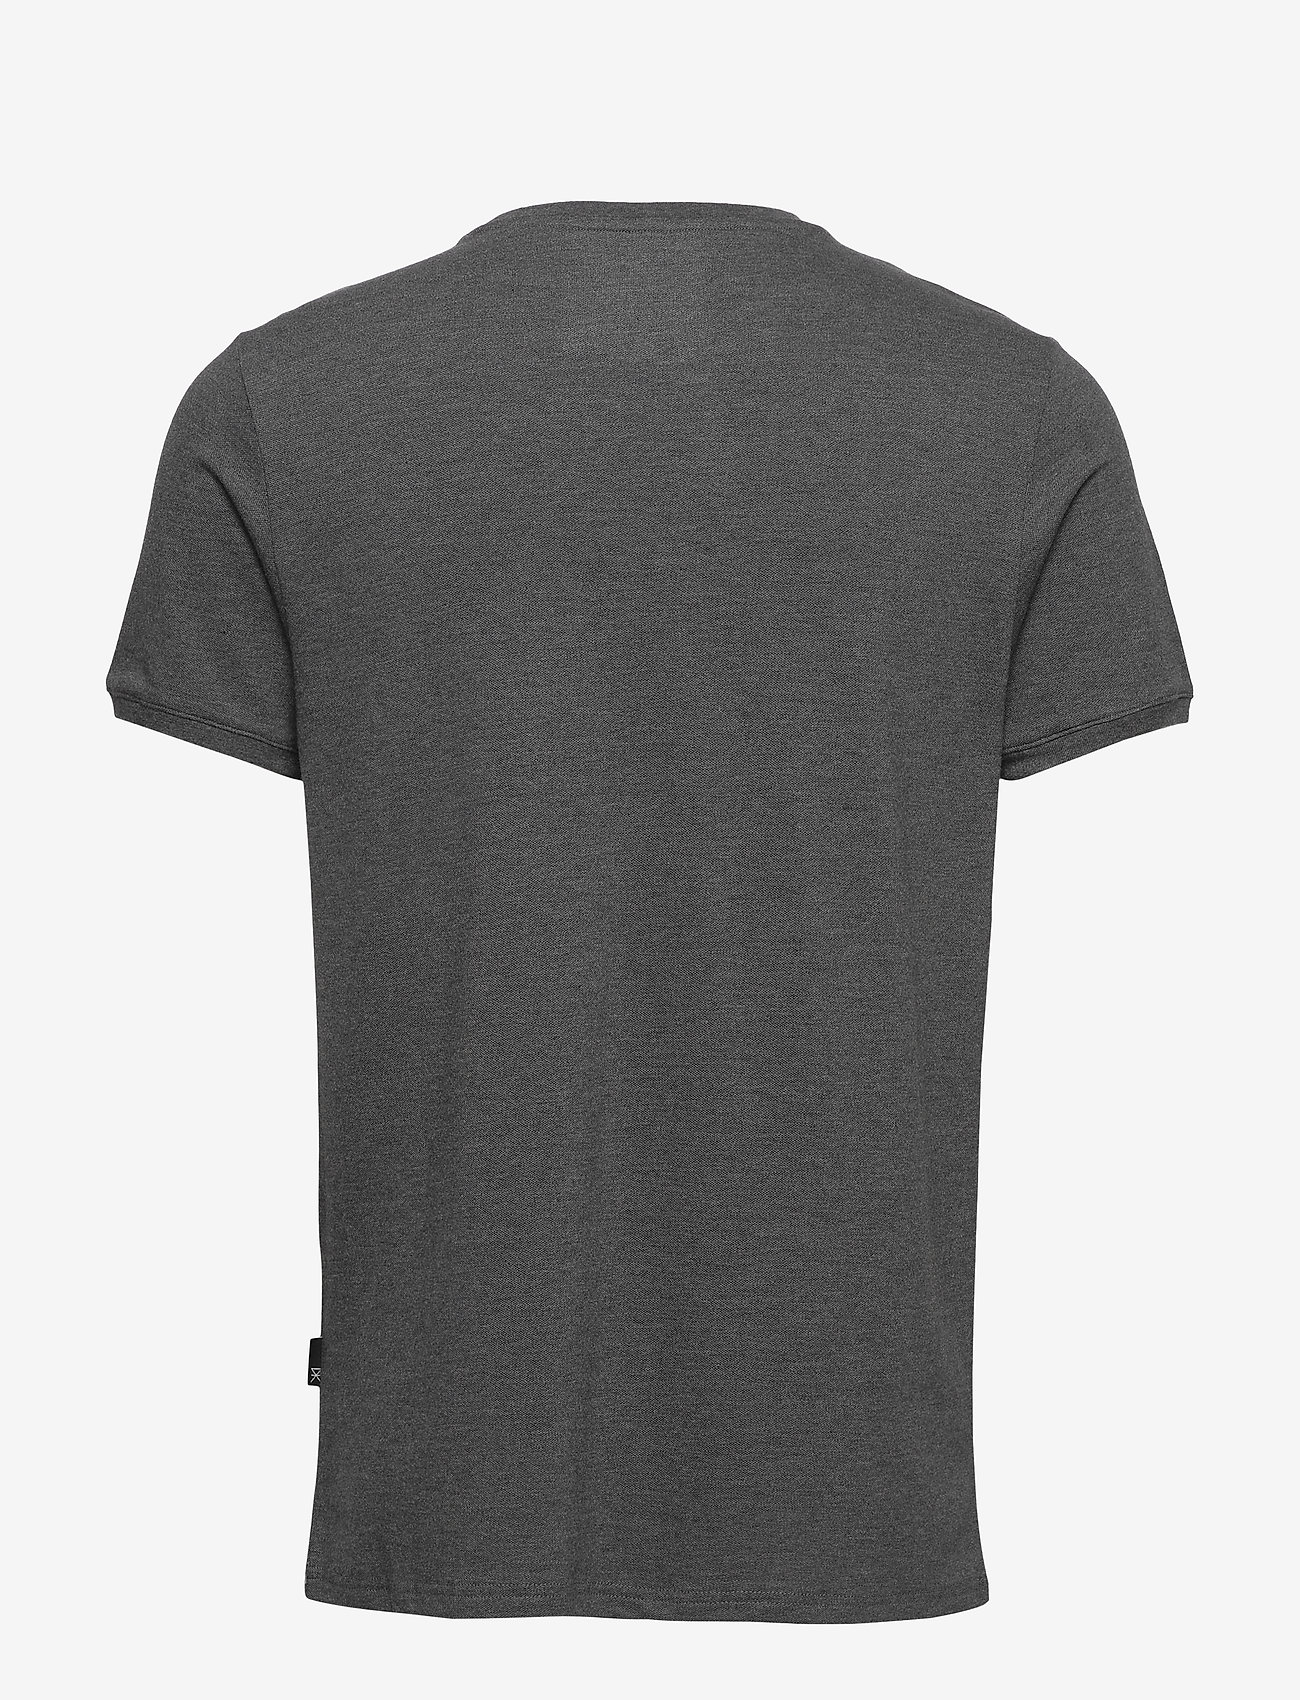 JBS of Denmark JBS of Denmark t-shirt pique - T-skjorter DARK GRAY - Menn Klær